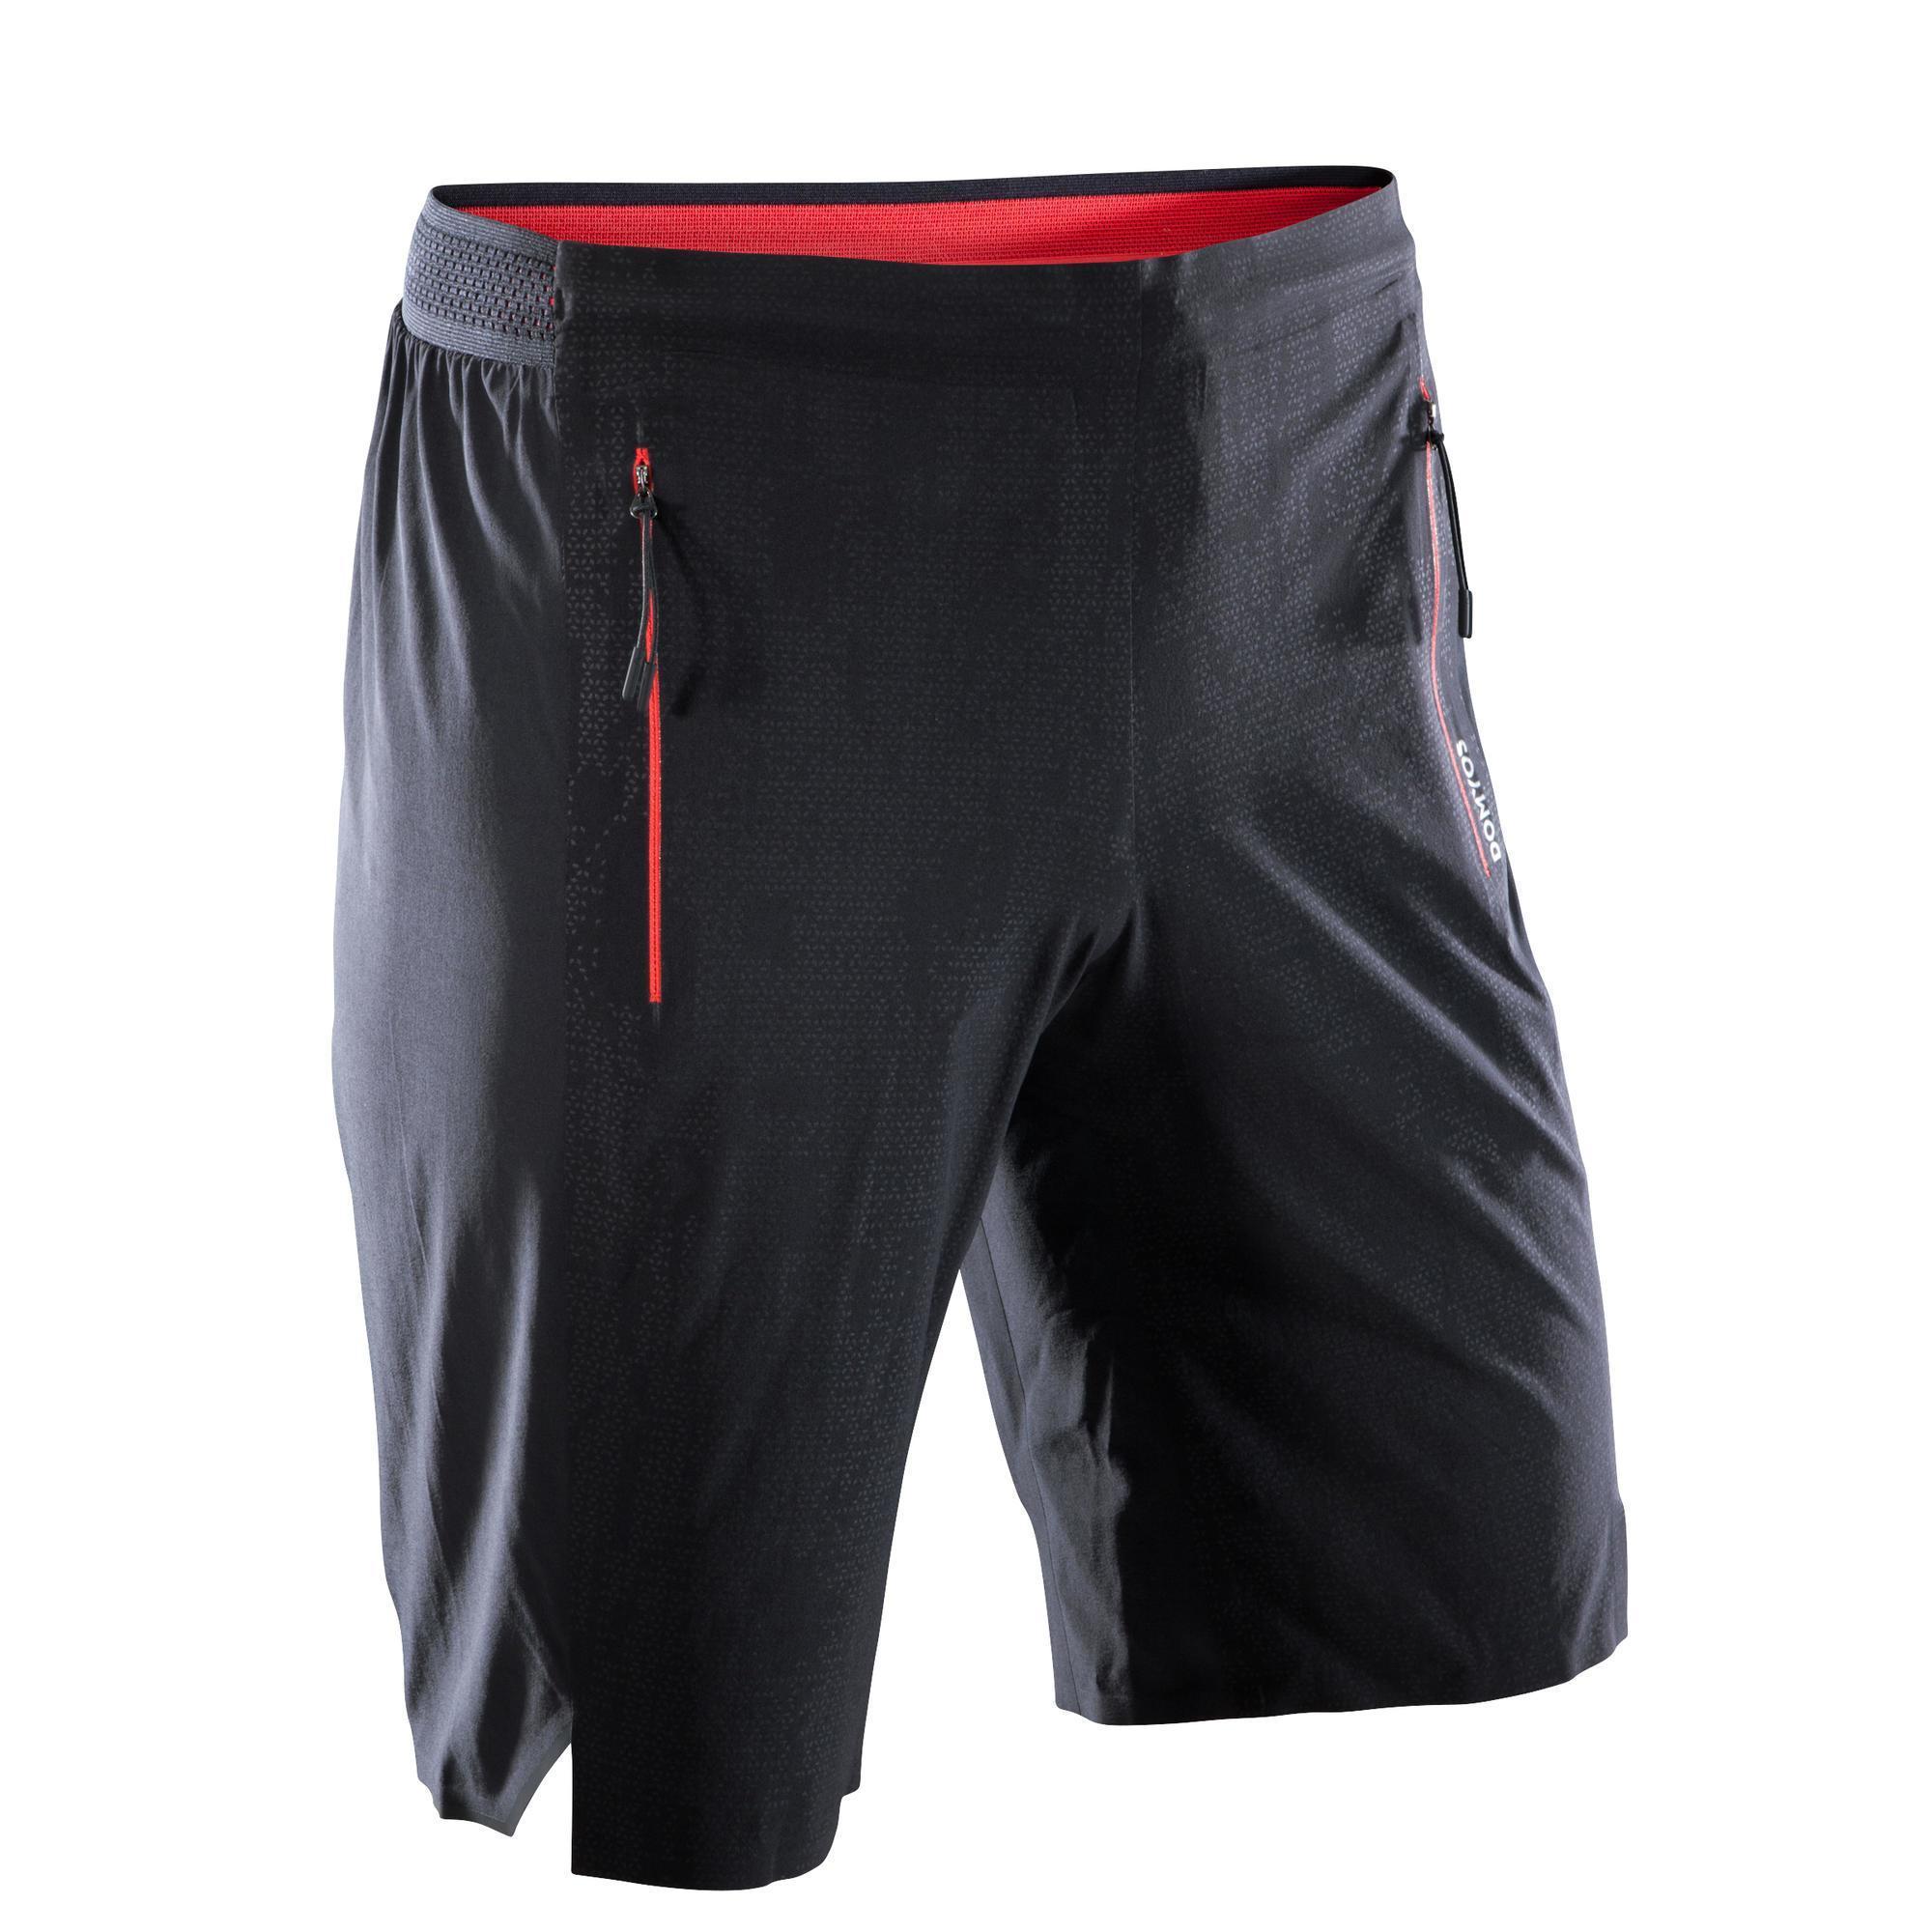 Domyos Sportbroekje fitness FST 900 voor heren